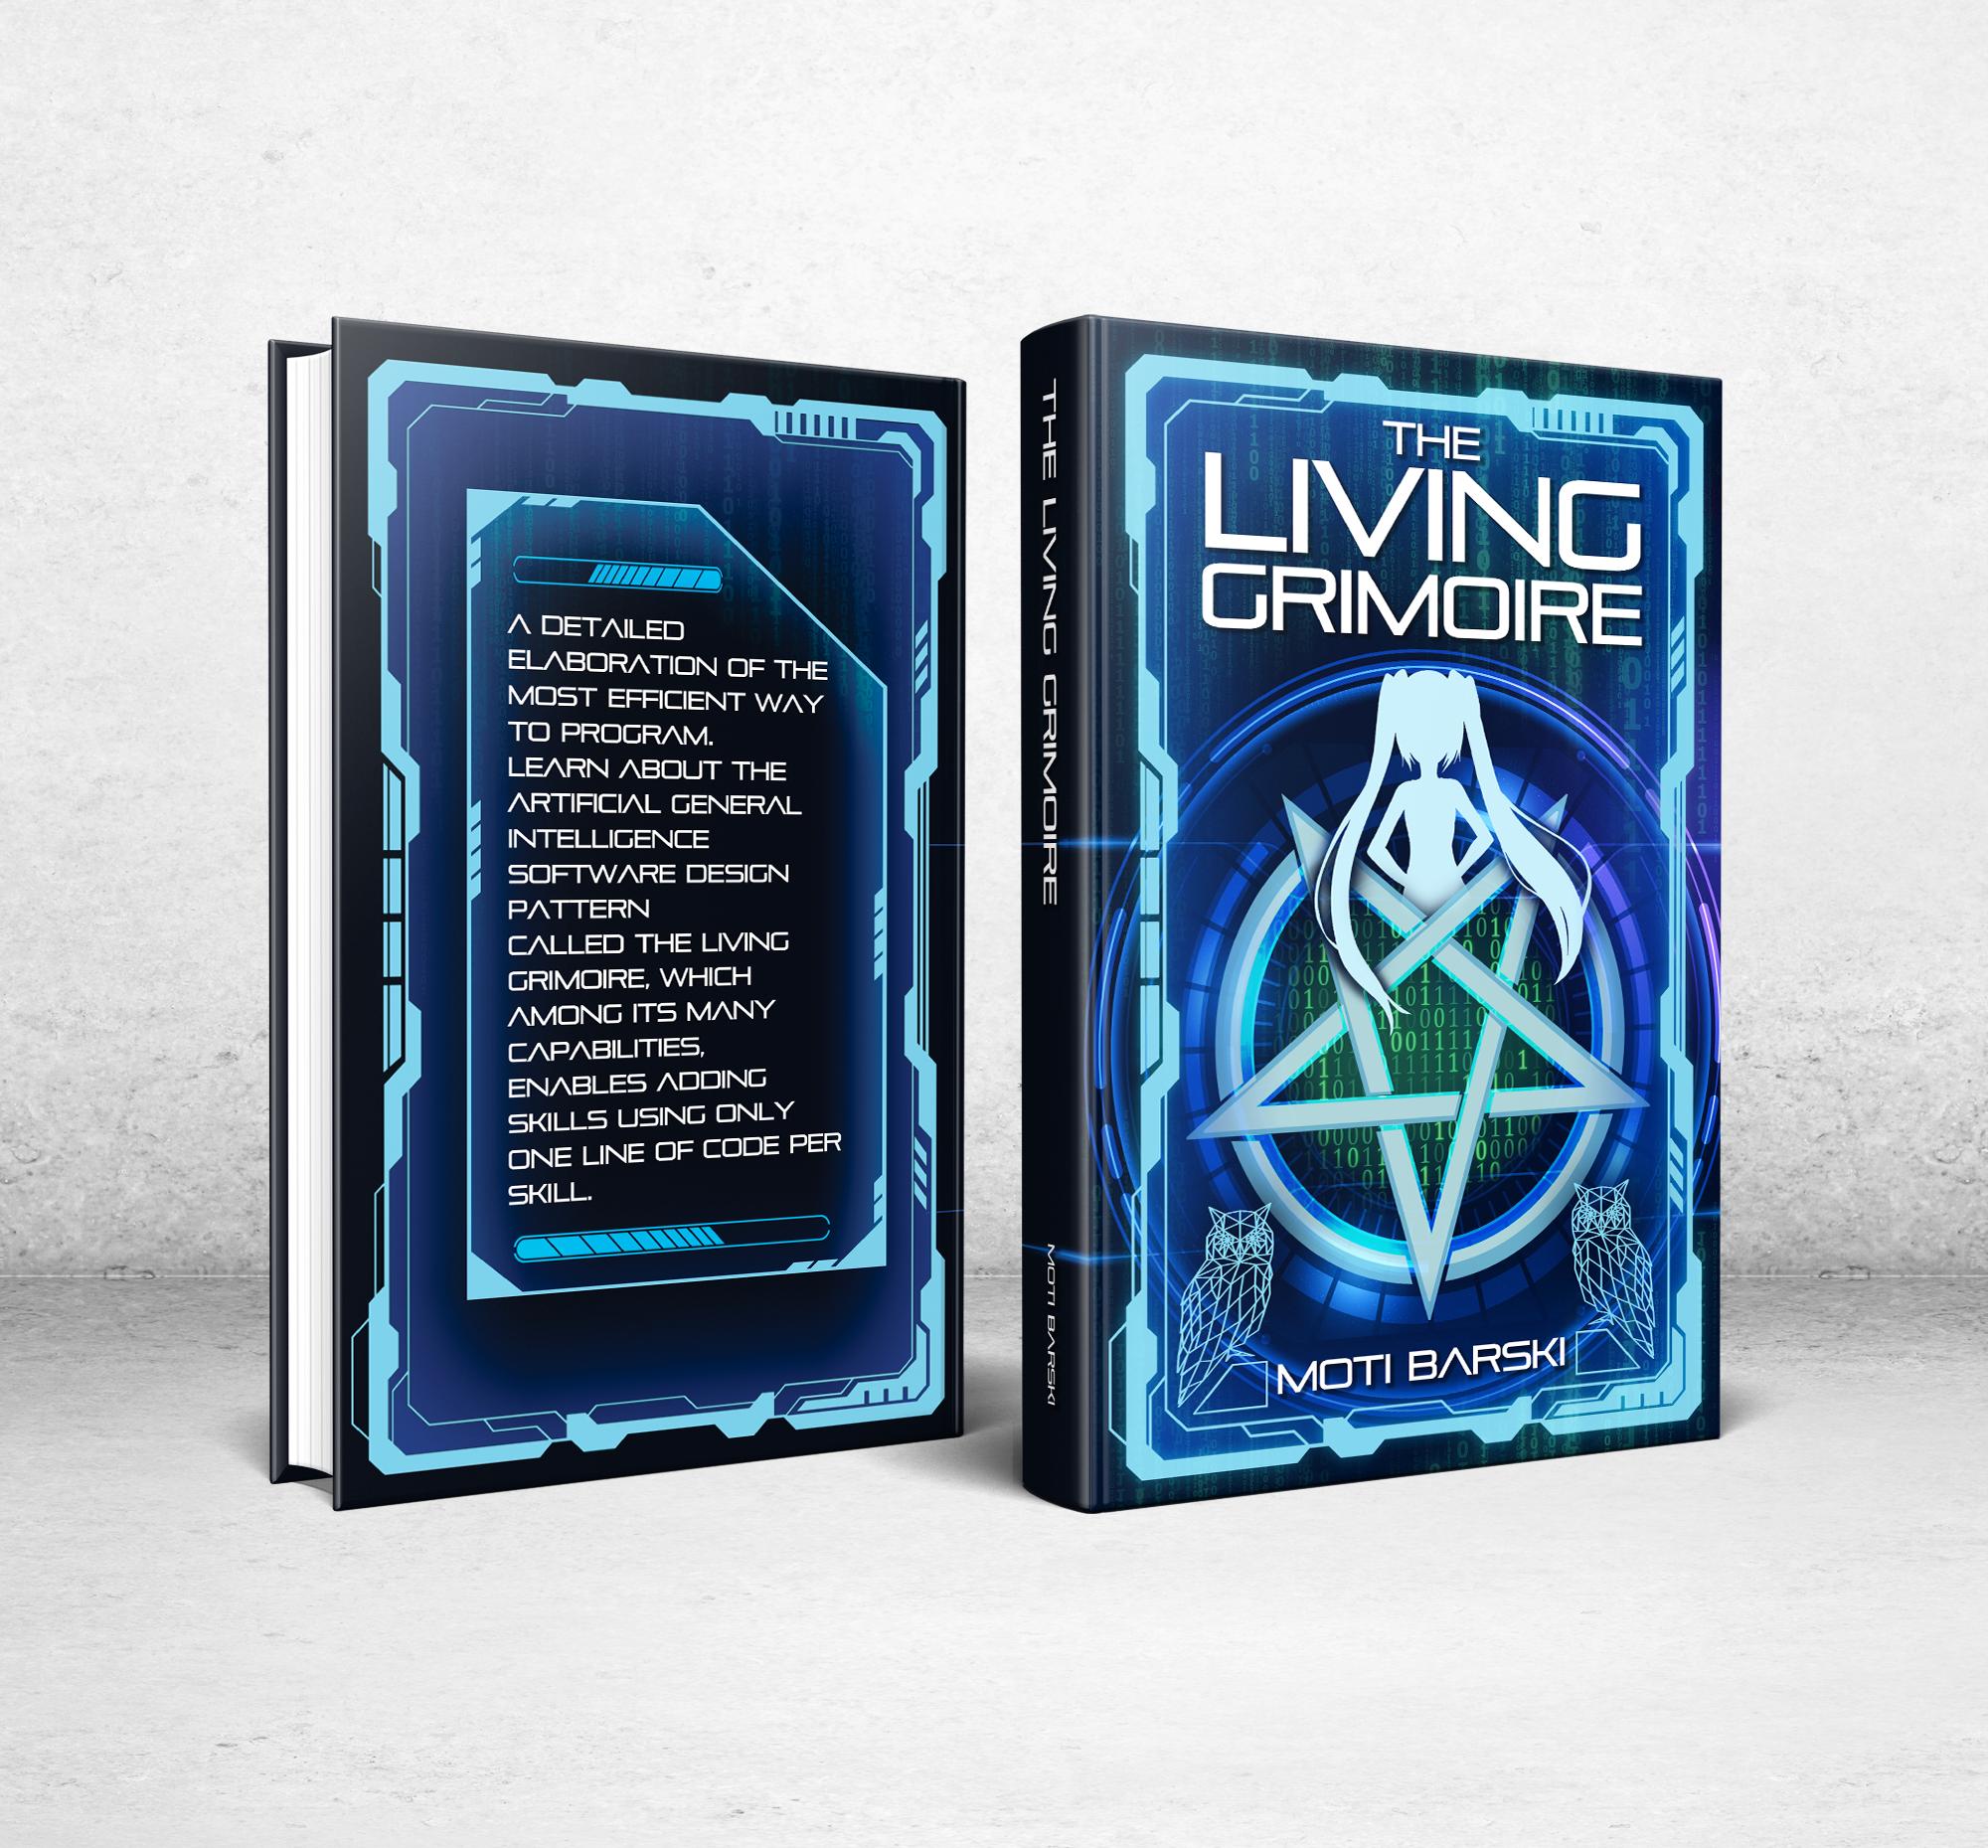 the living grimoire pdf 300921 3d-Mockup